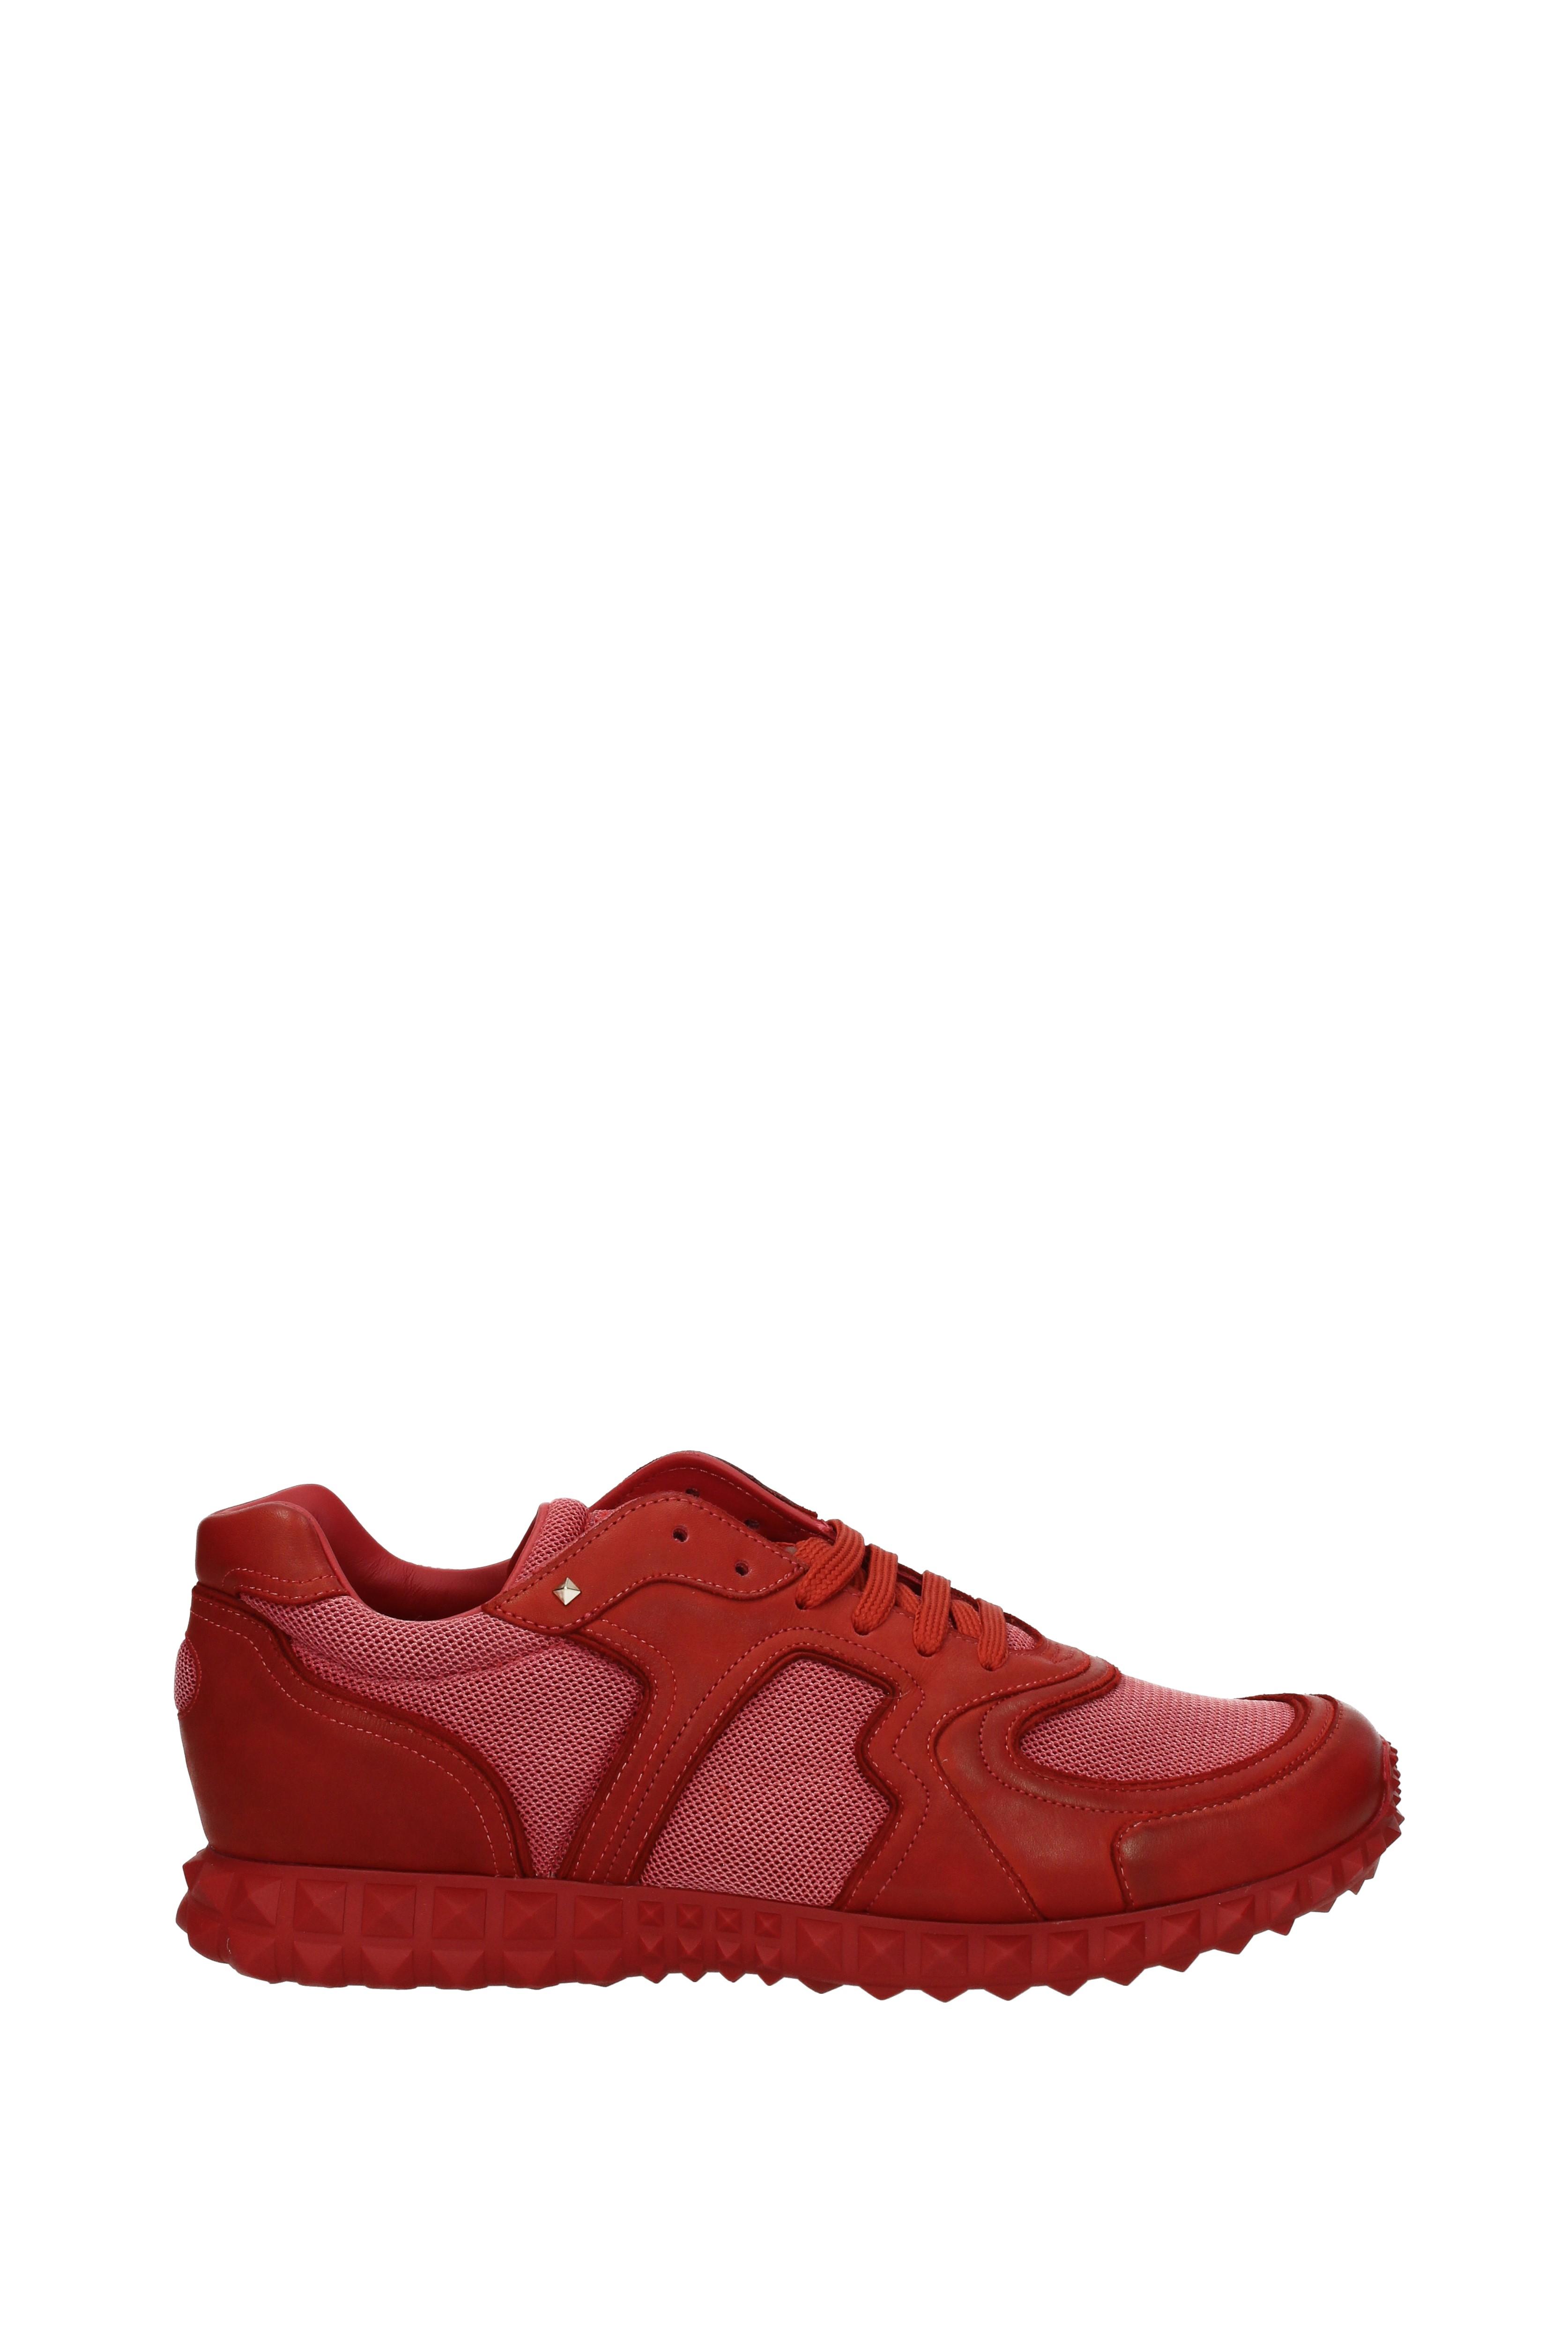 premium selection 4f5f2 6f2c6 ... Nike Nike Nike Air Jordan Ultimate Gift Of Flight Pack Pantone 11 29 -  Multi- ...